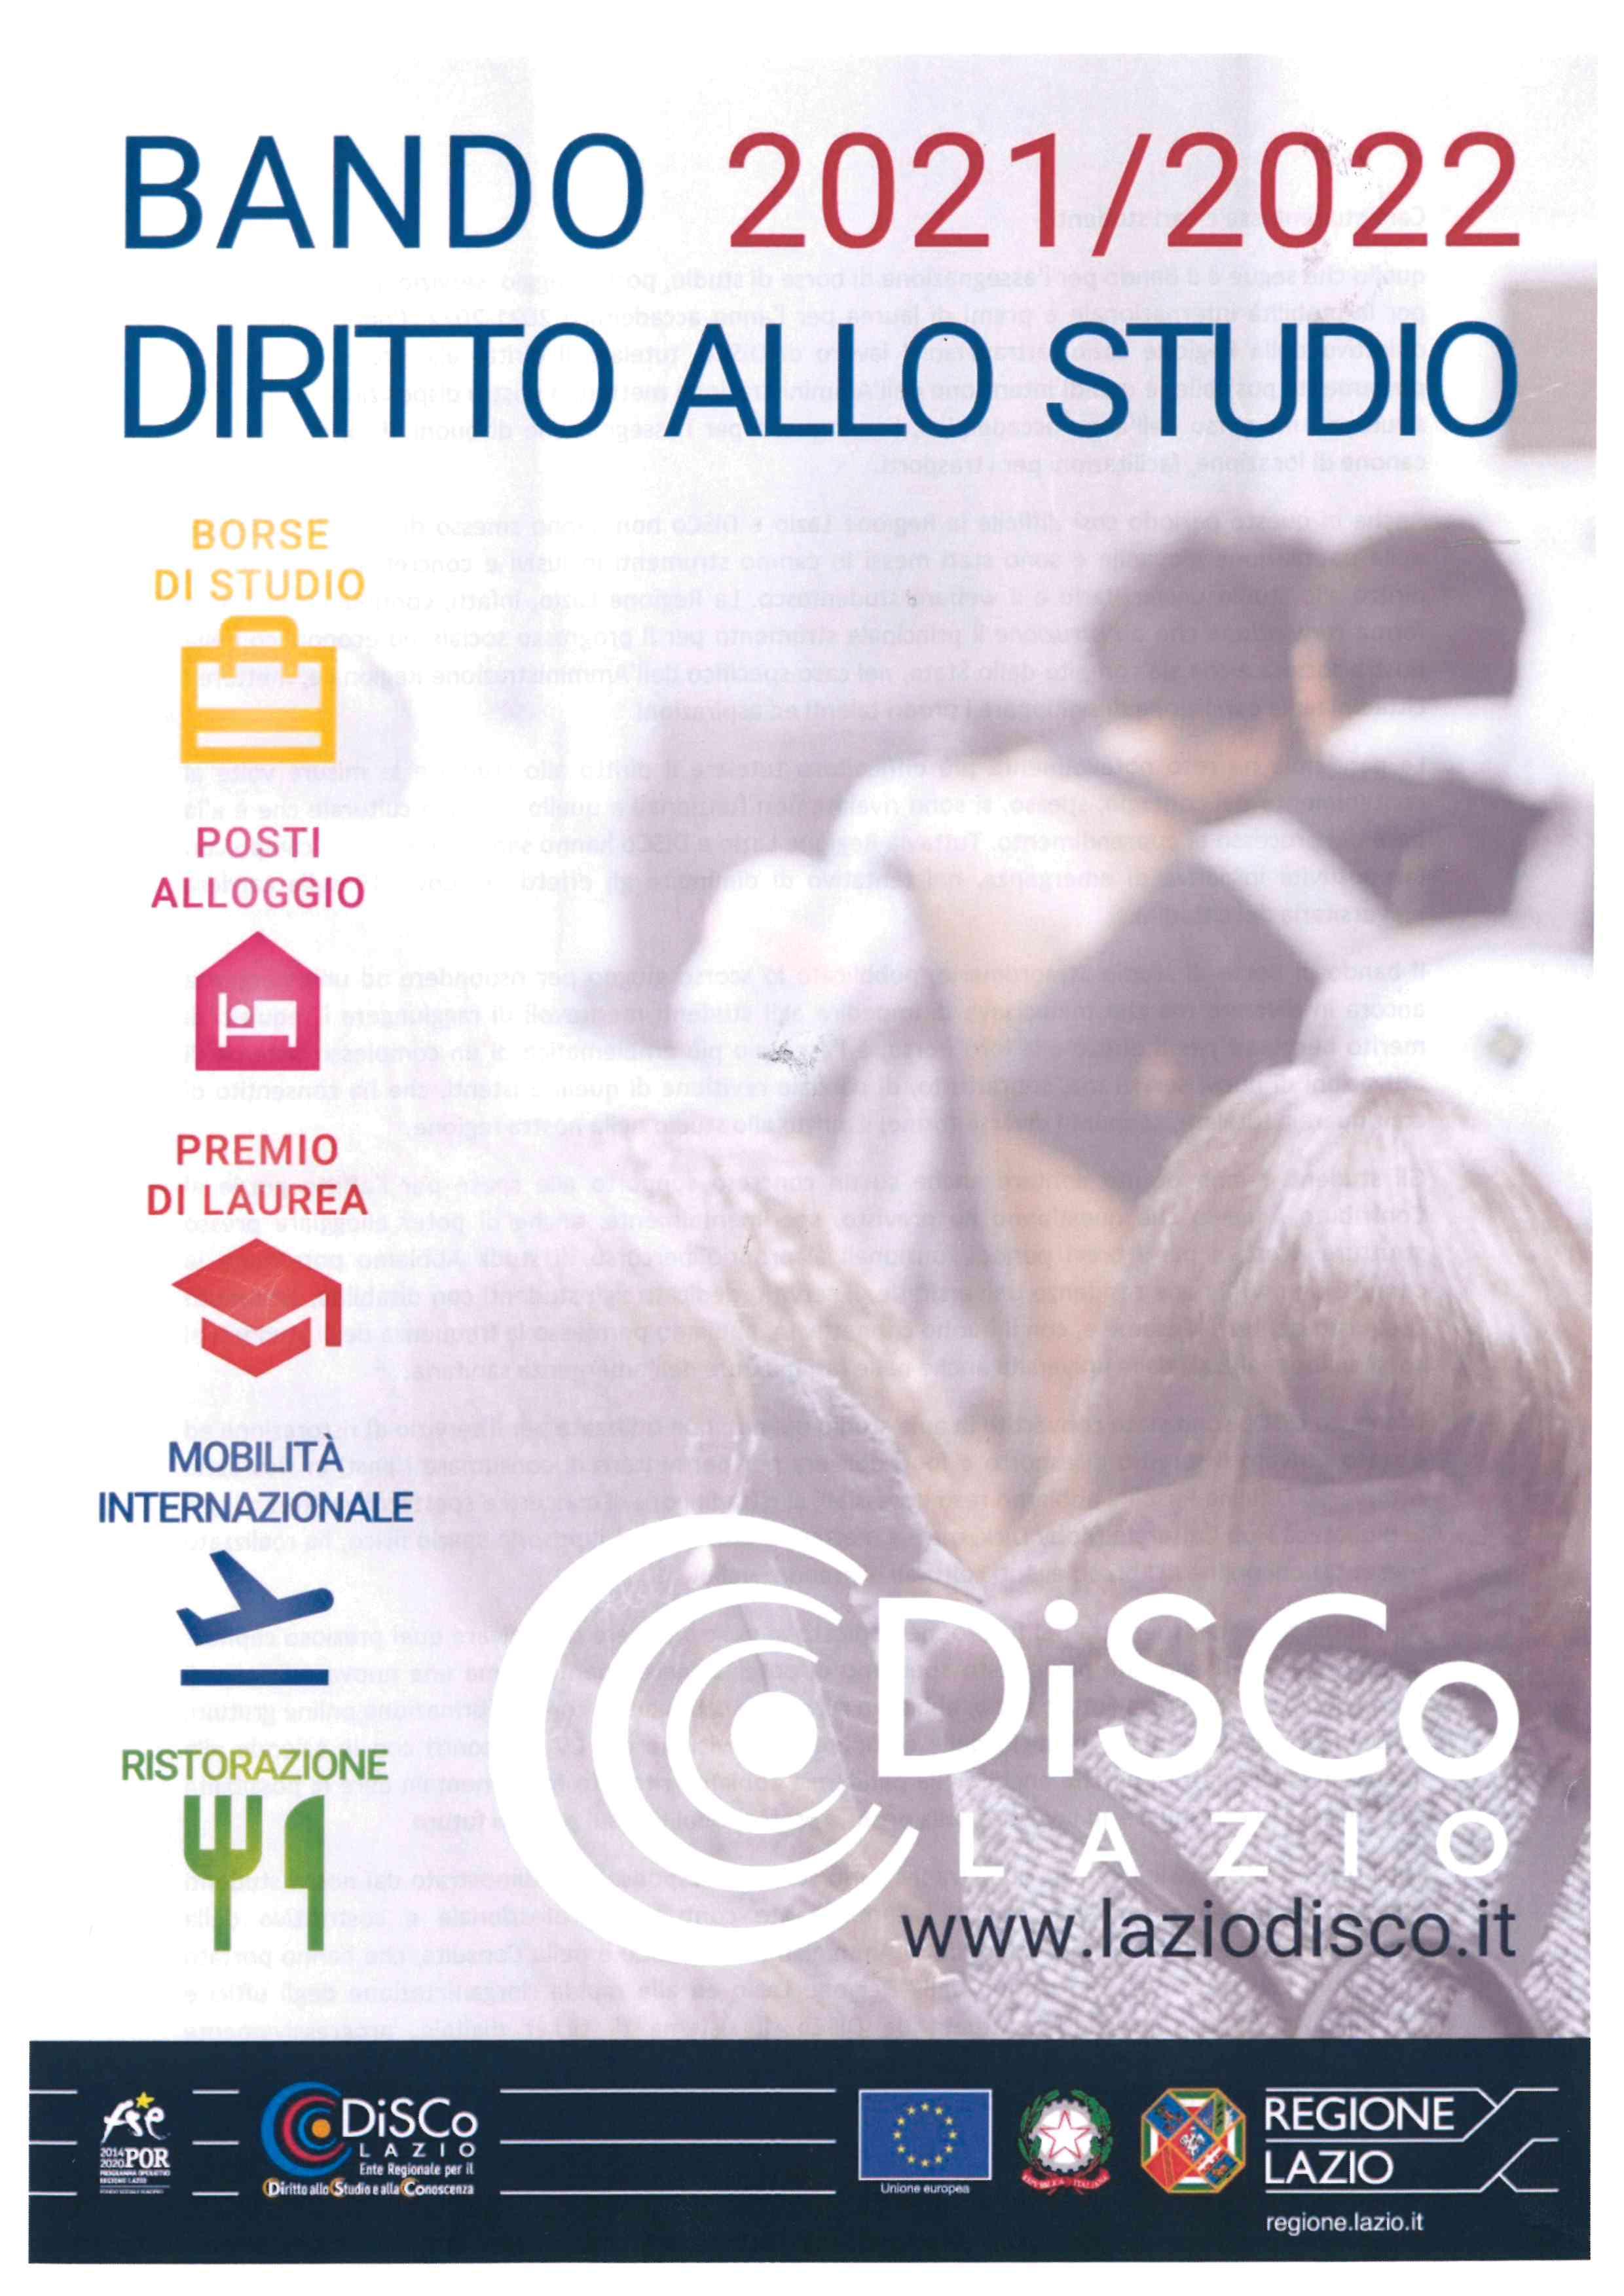 REGIONE LAZIO - BANDO 2021/2022 - DIRITTO ALLO STUDIO